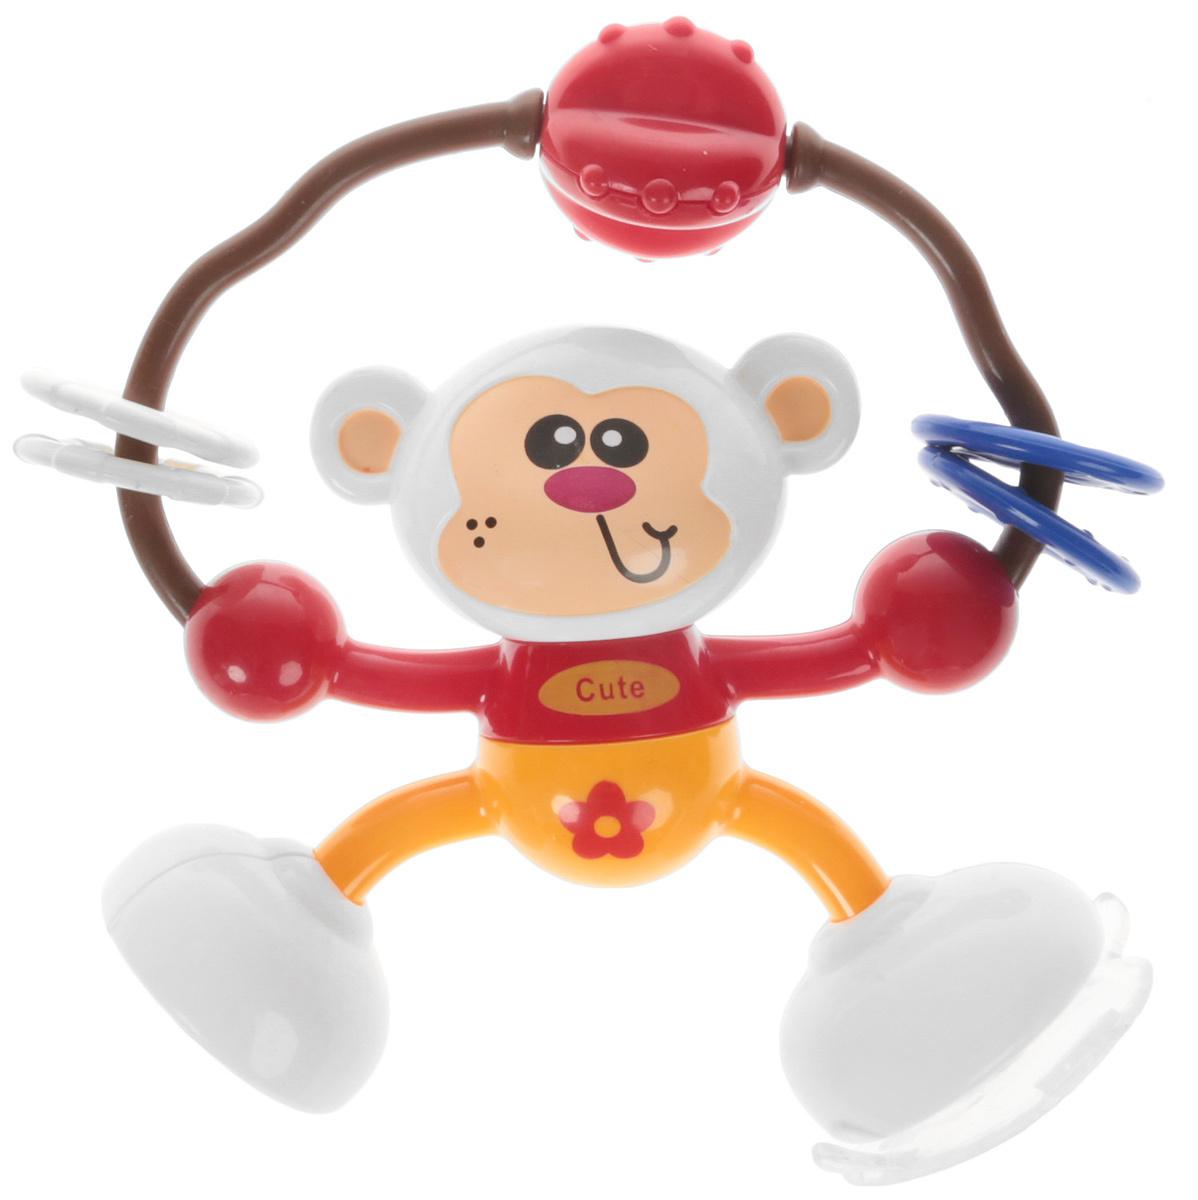 Развивающая игрушка Обезьянка, Ути-Пути #1